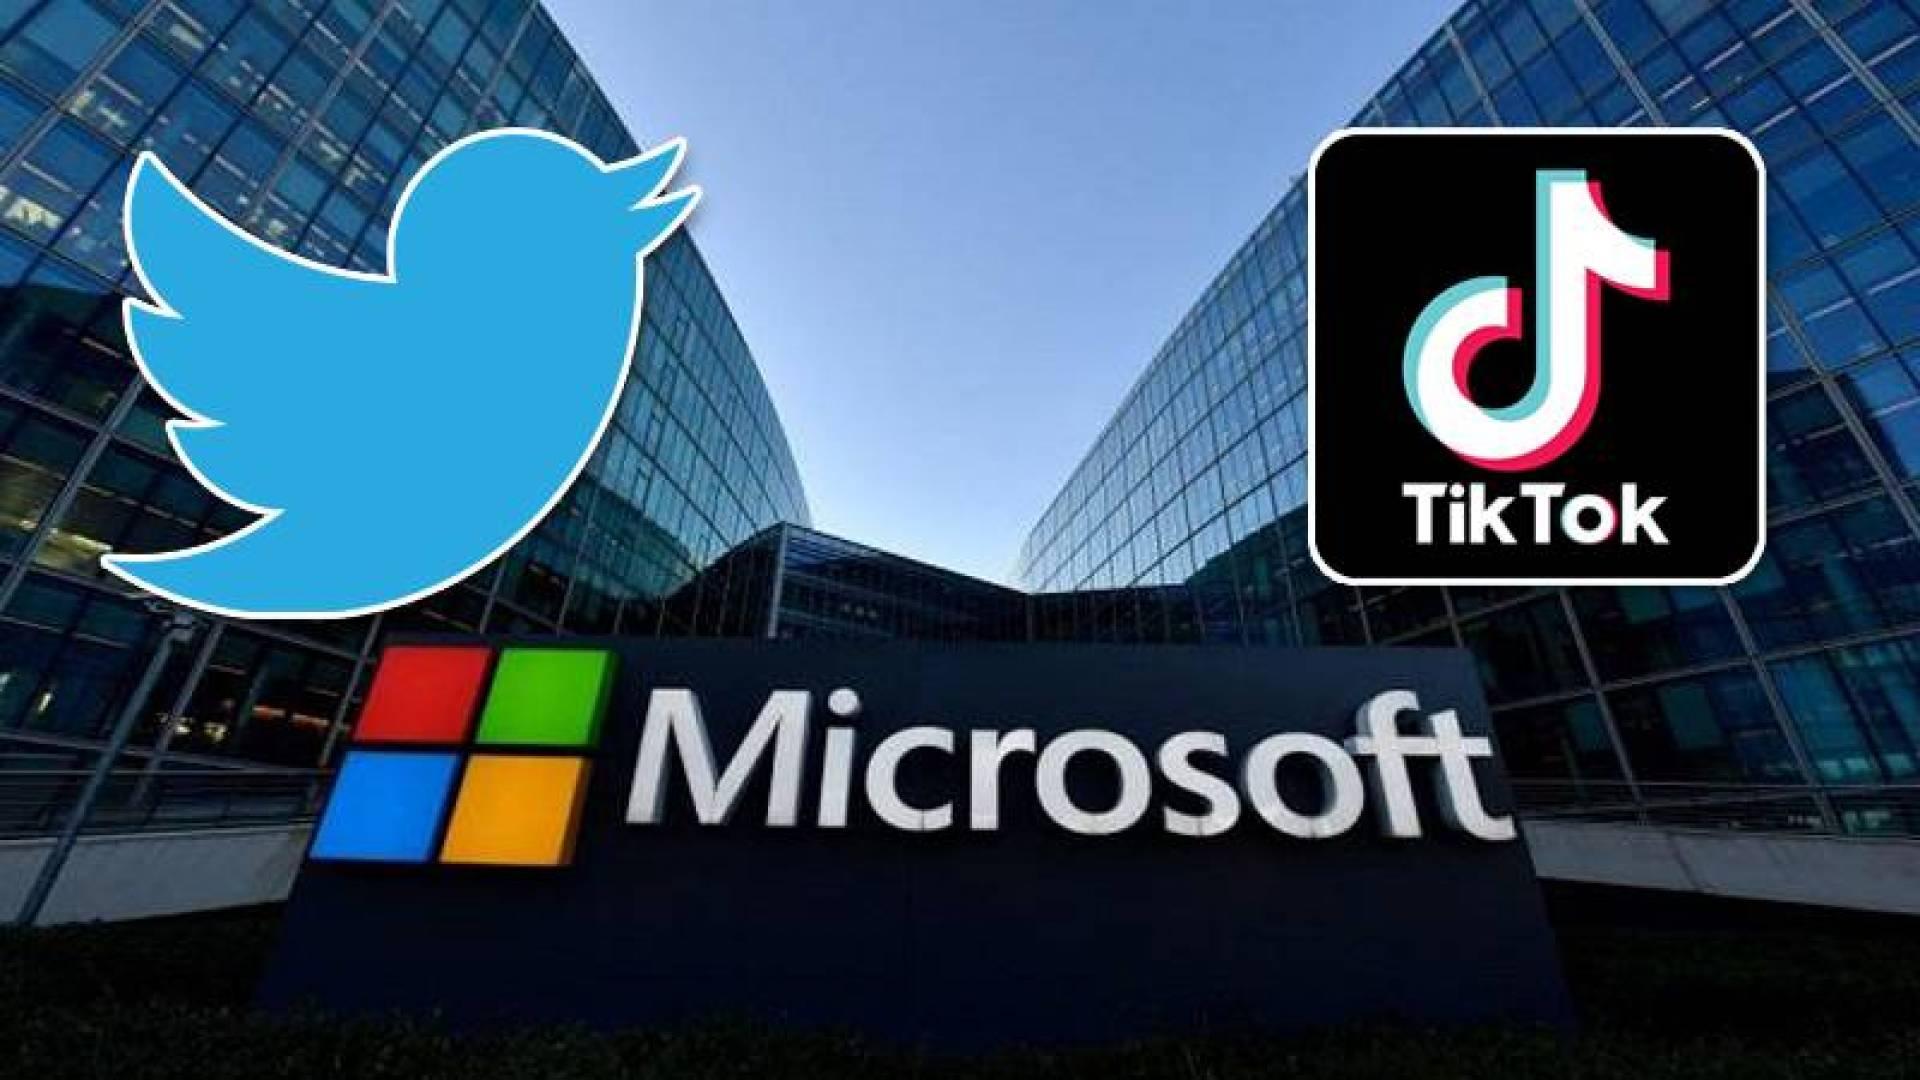 «تويتر» تزاحم «مايكروسوفت» في صفقة الاستحواذ على «تيك توك»